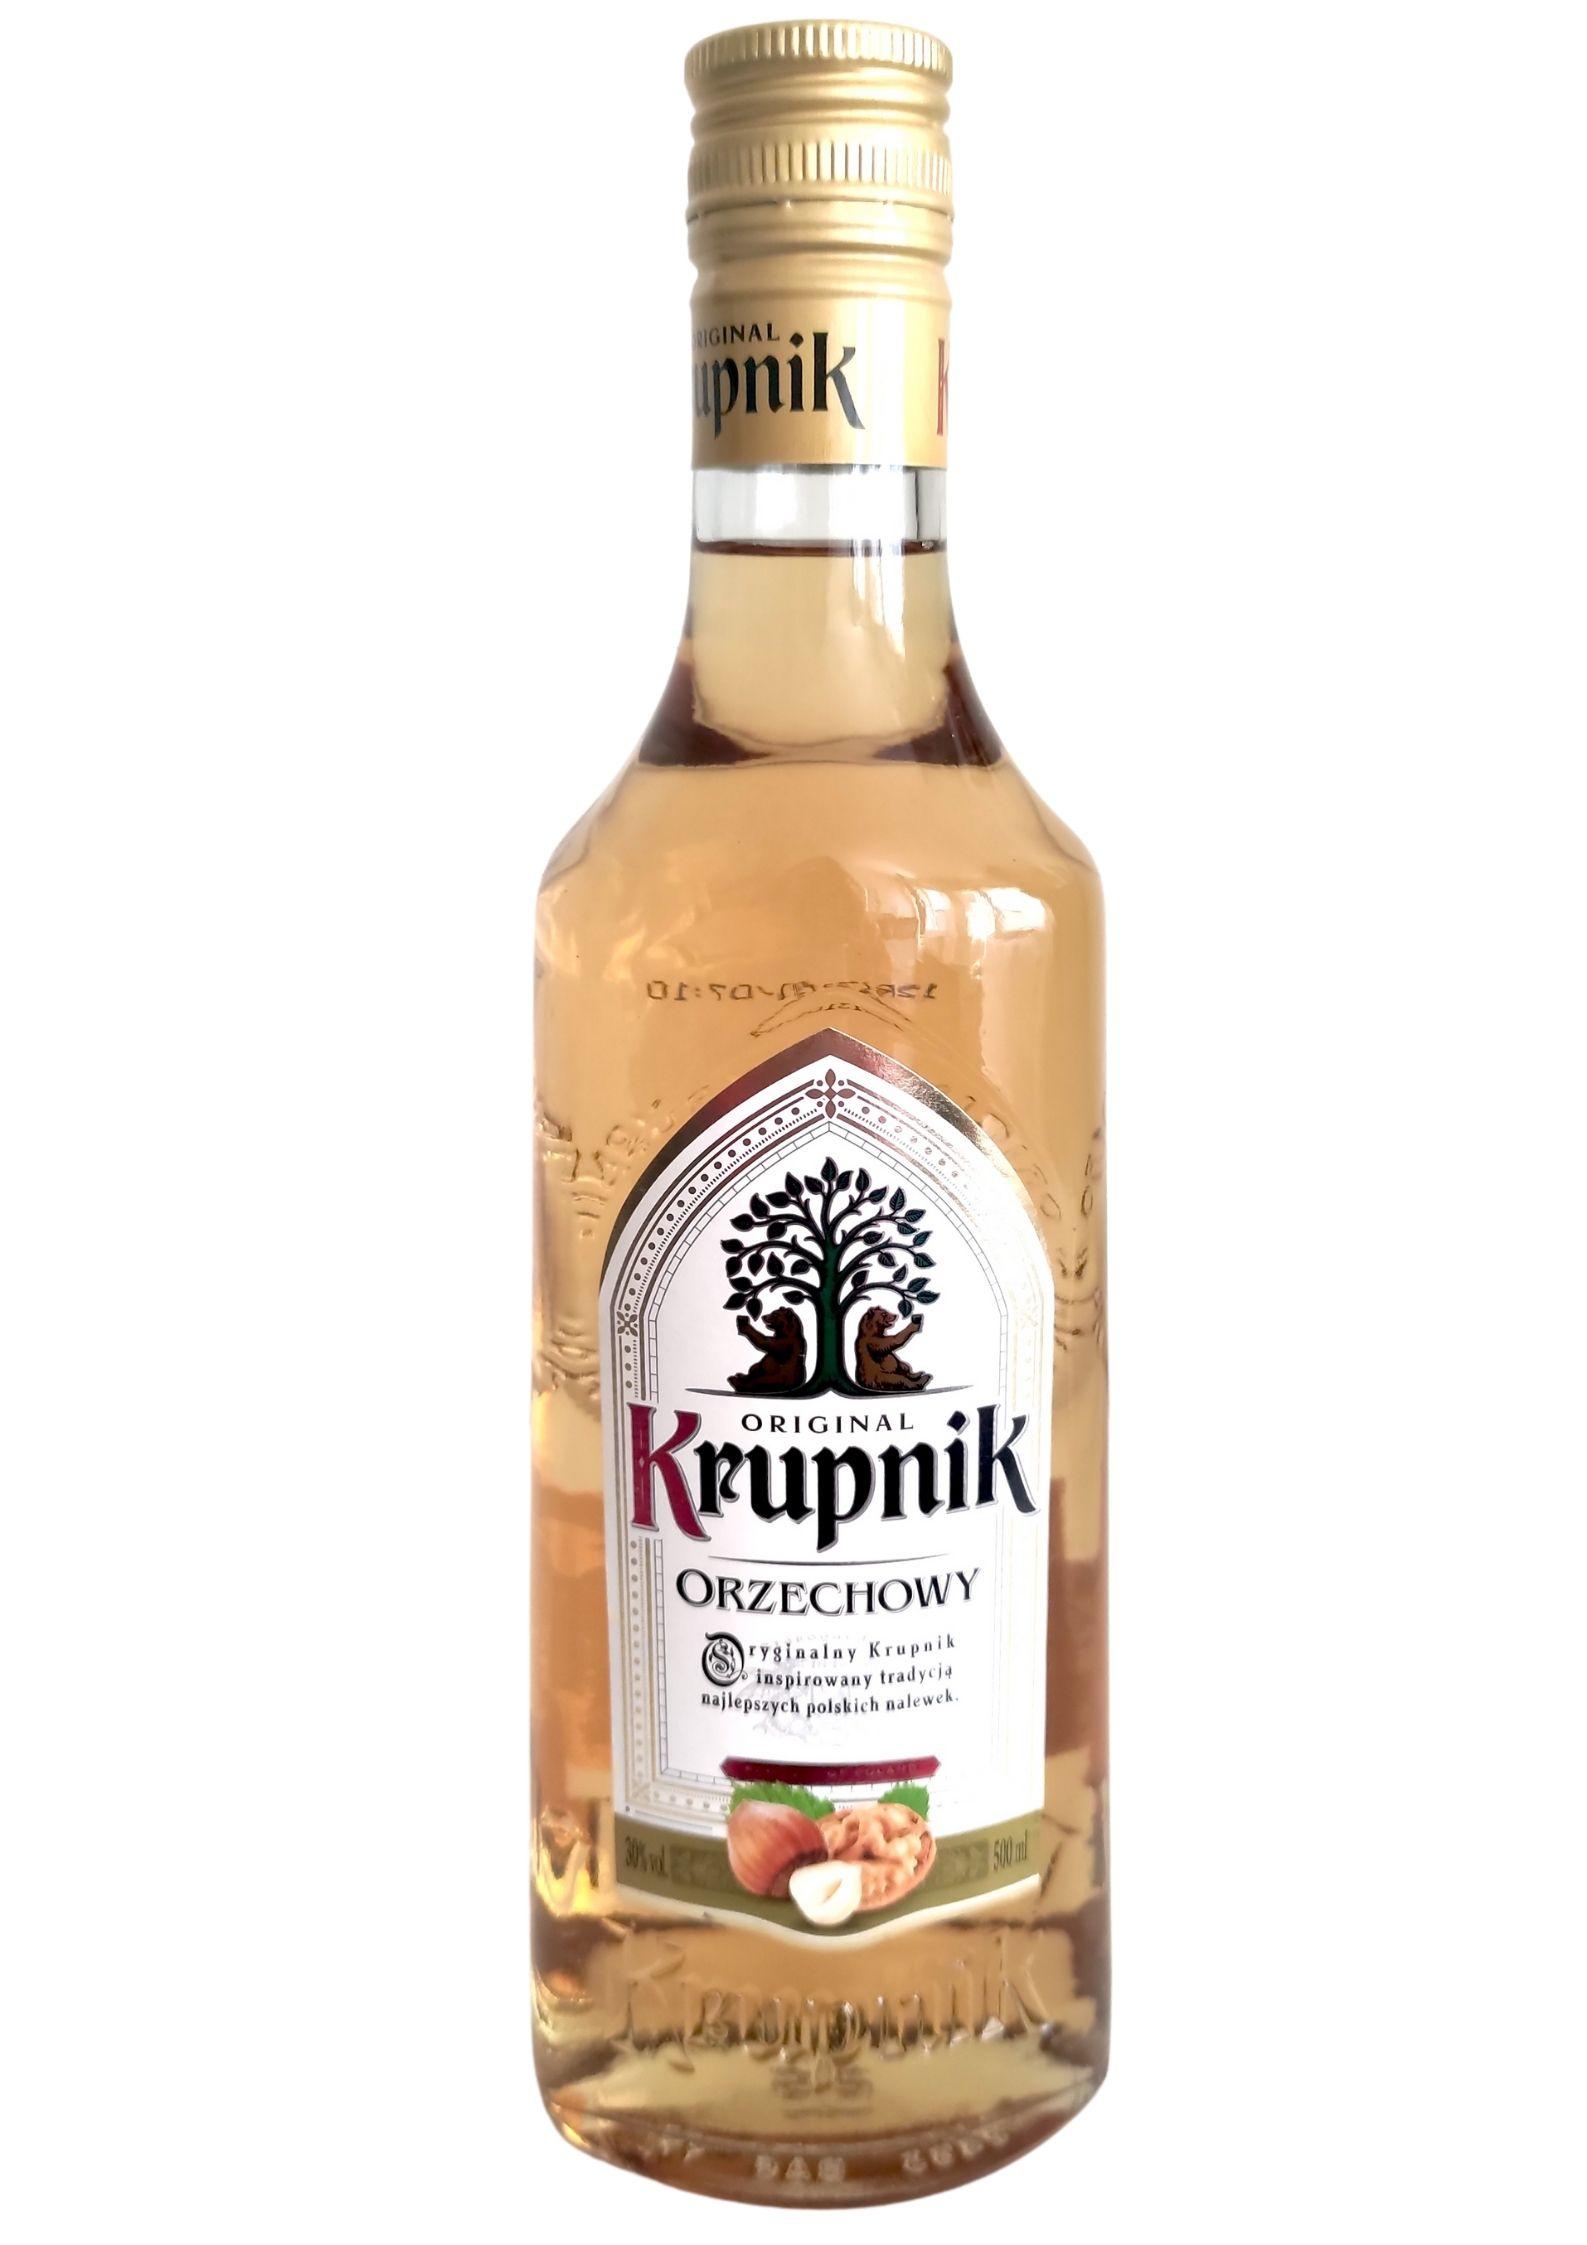 Vodka Krupnik Noix et Noisette